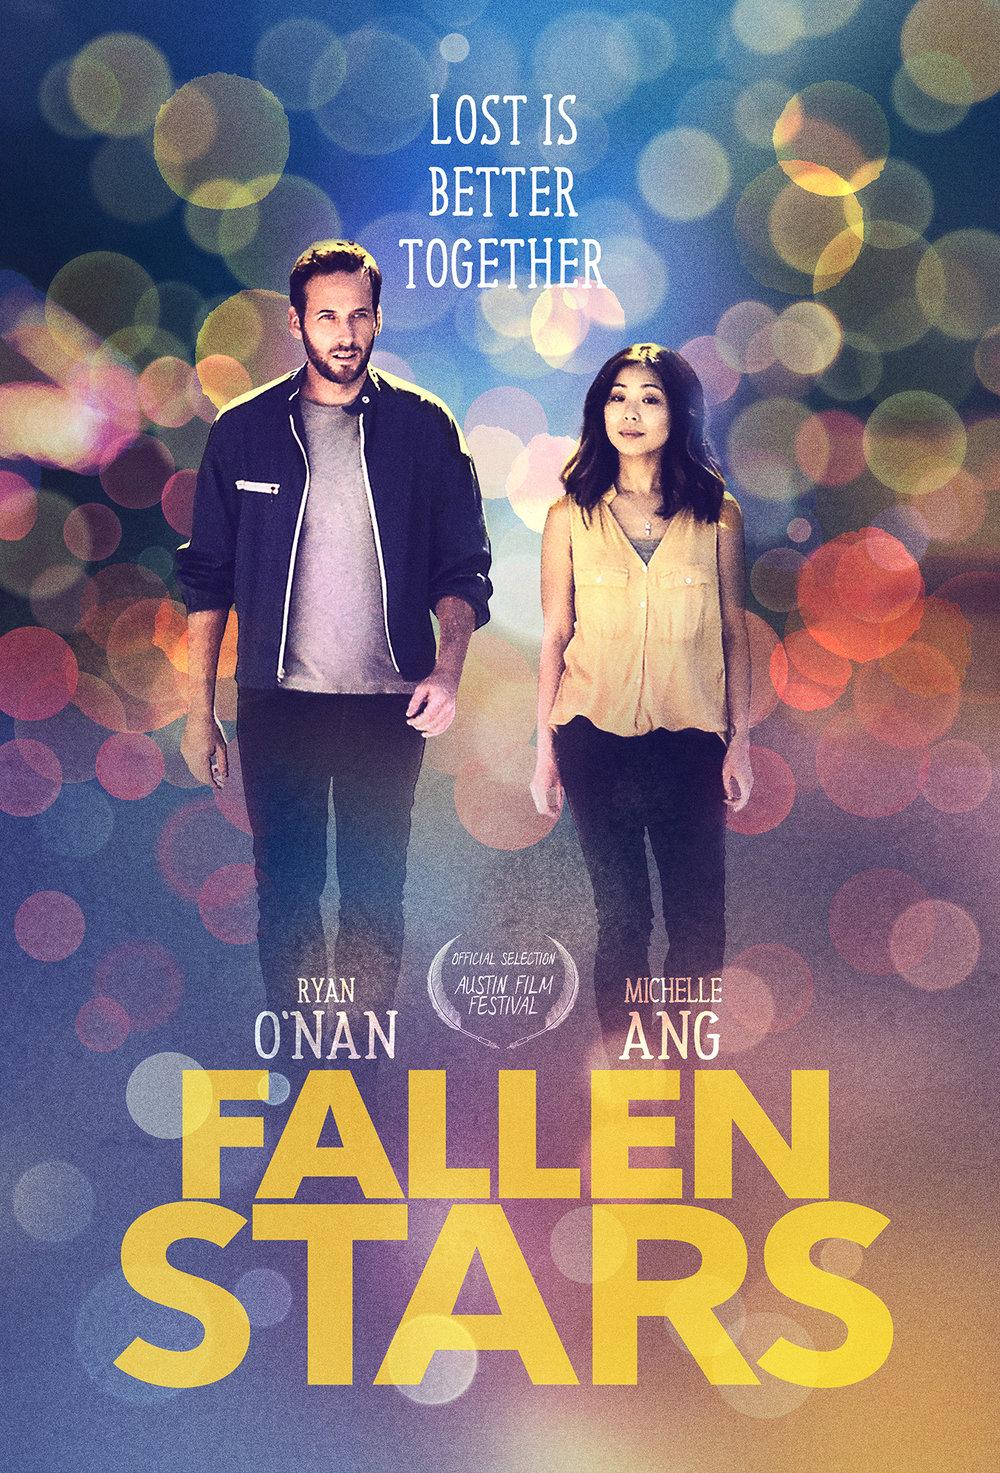 FallenStars_final.jpg